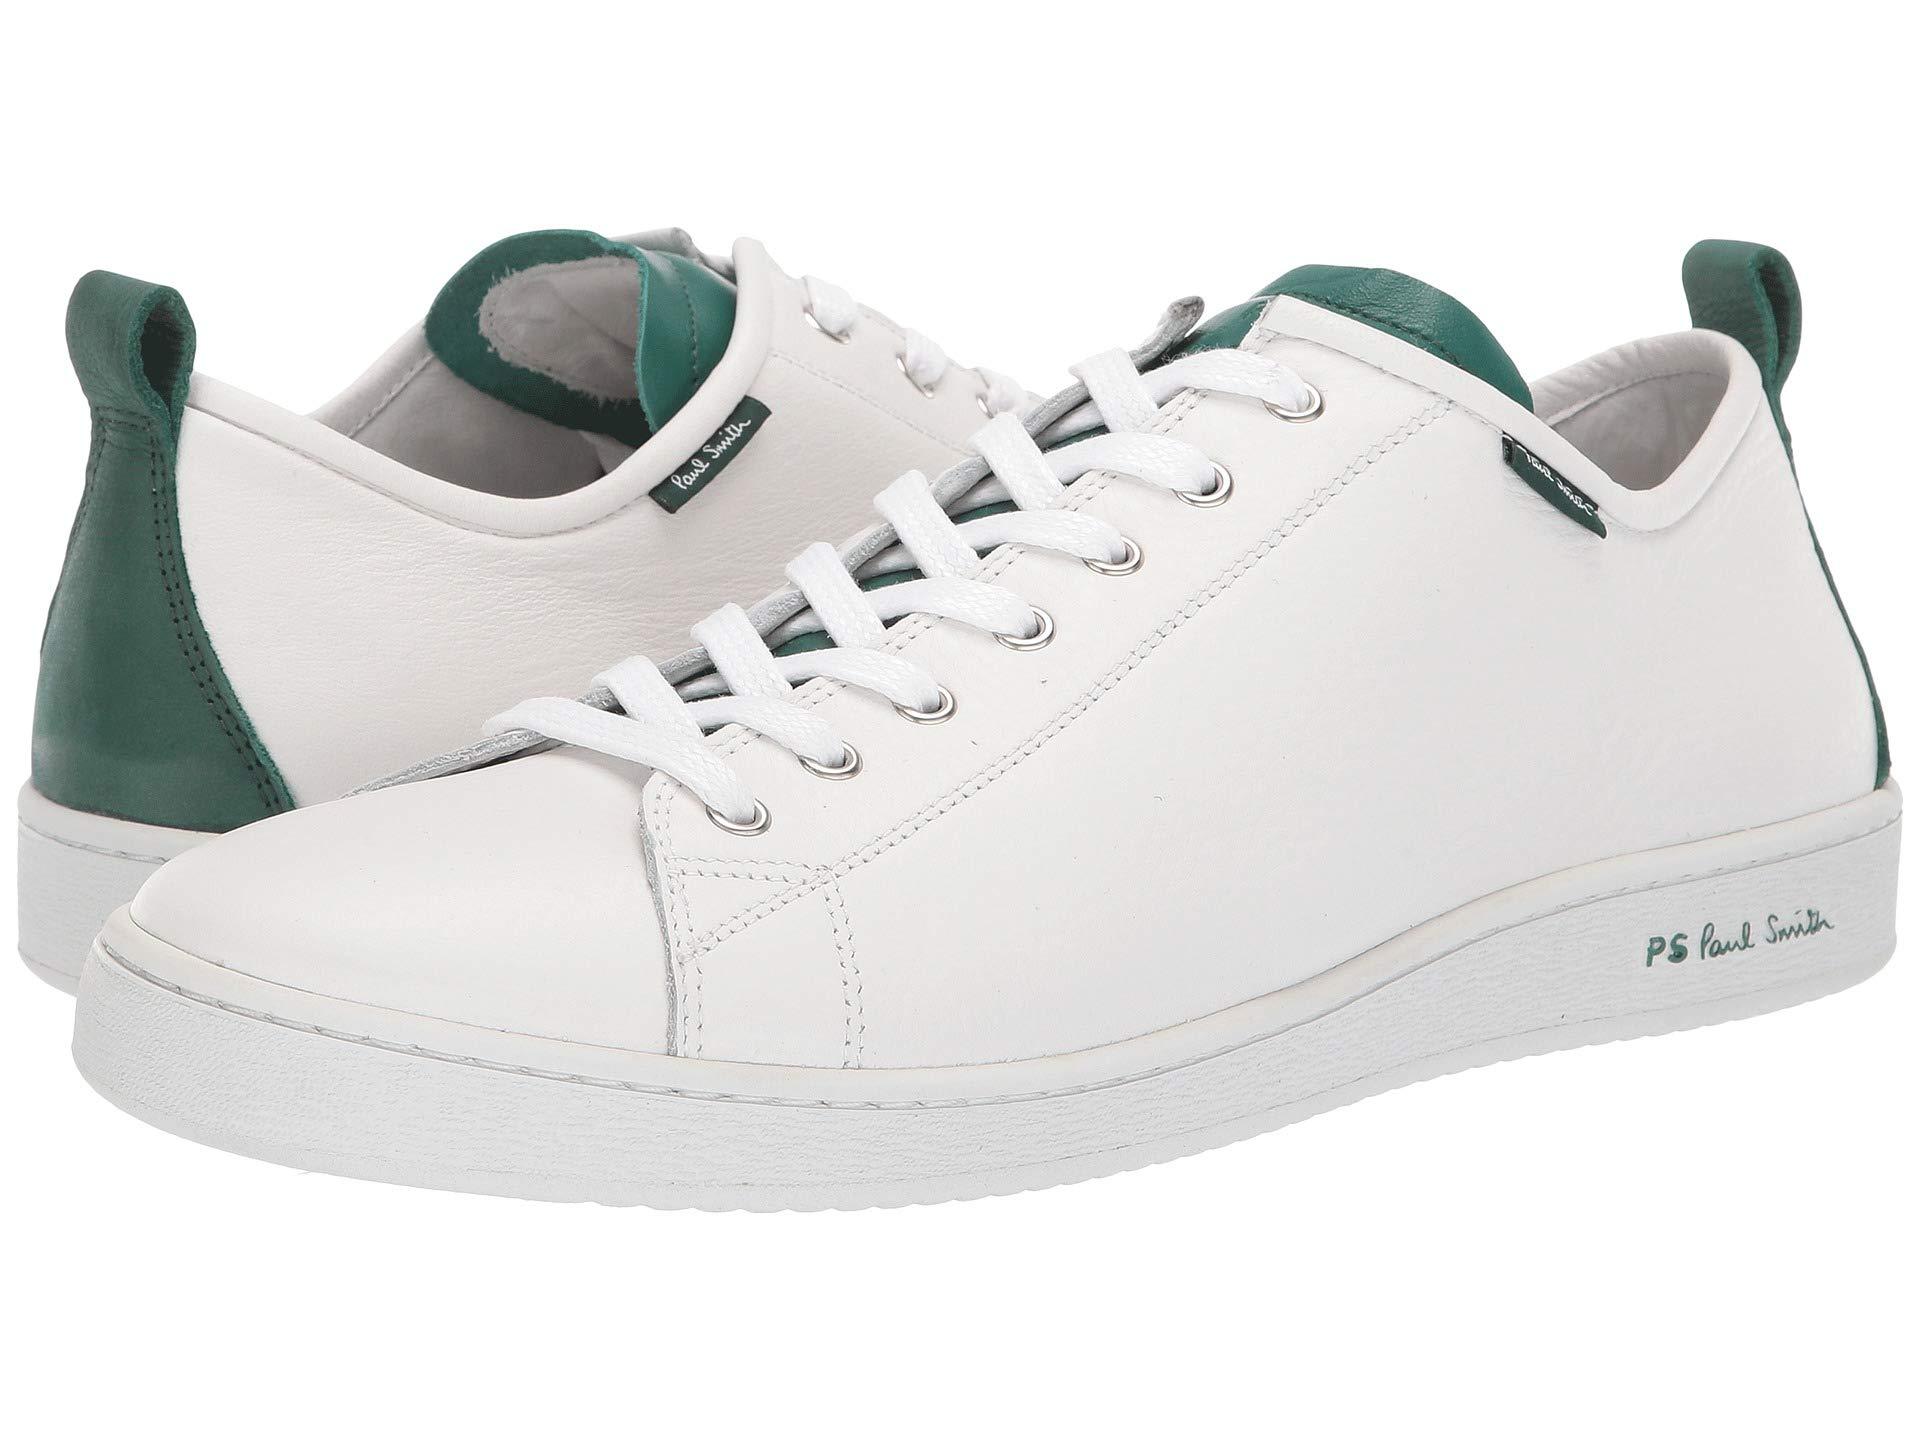 Paul Smith Sneaker Miyata green White 0a0qrBwY